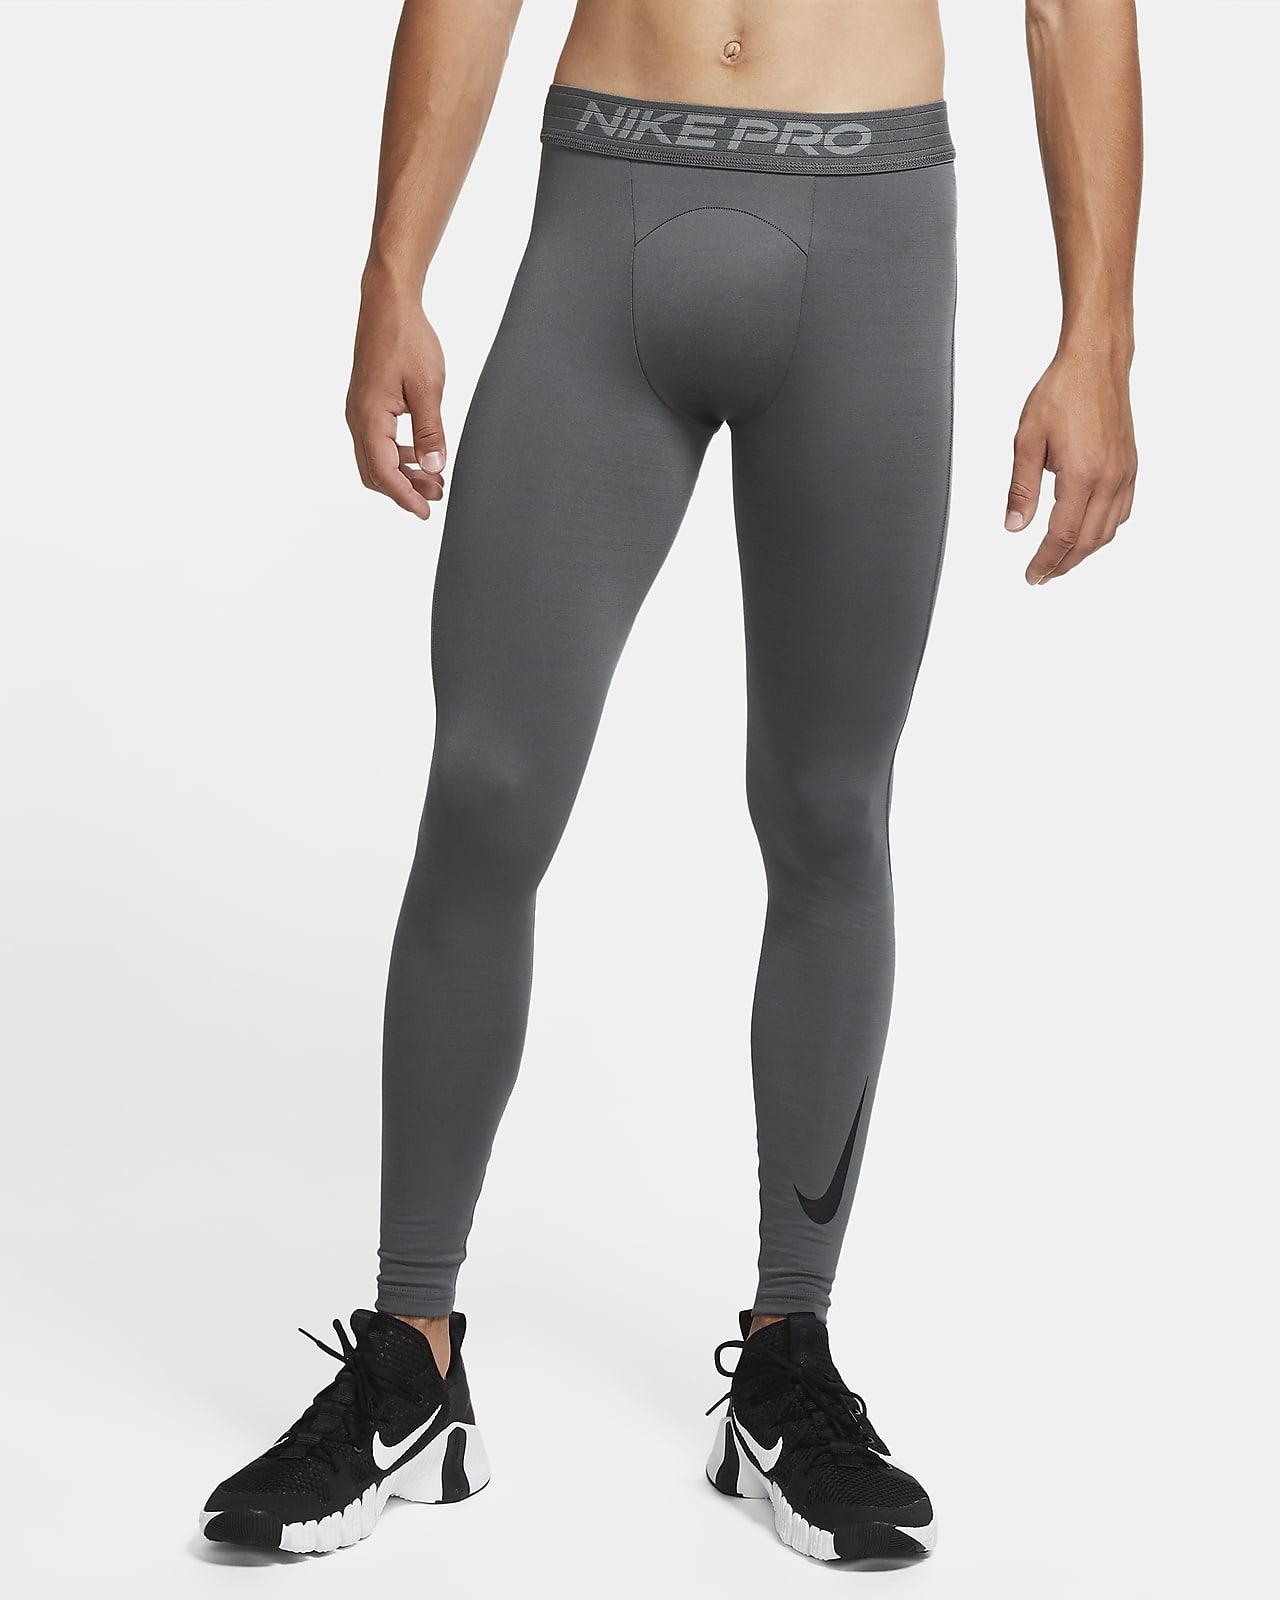 Legginsy męskie Nike Pro Warm